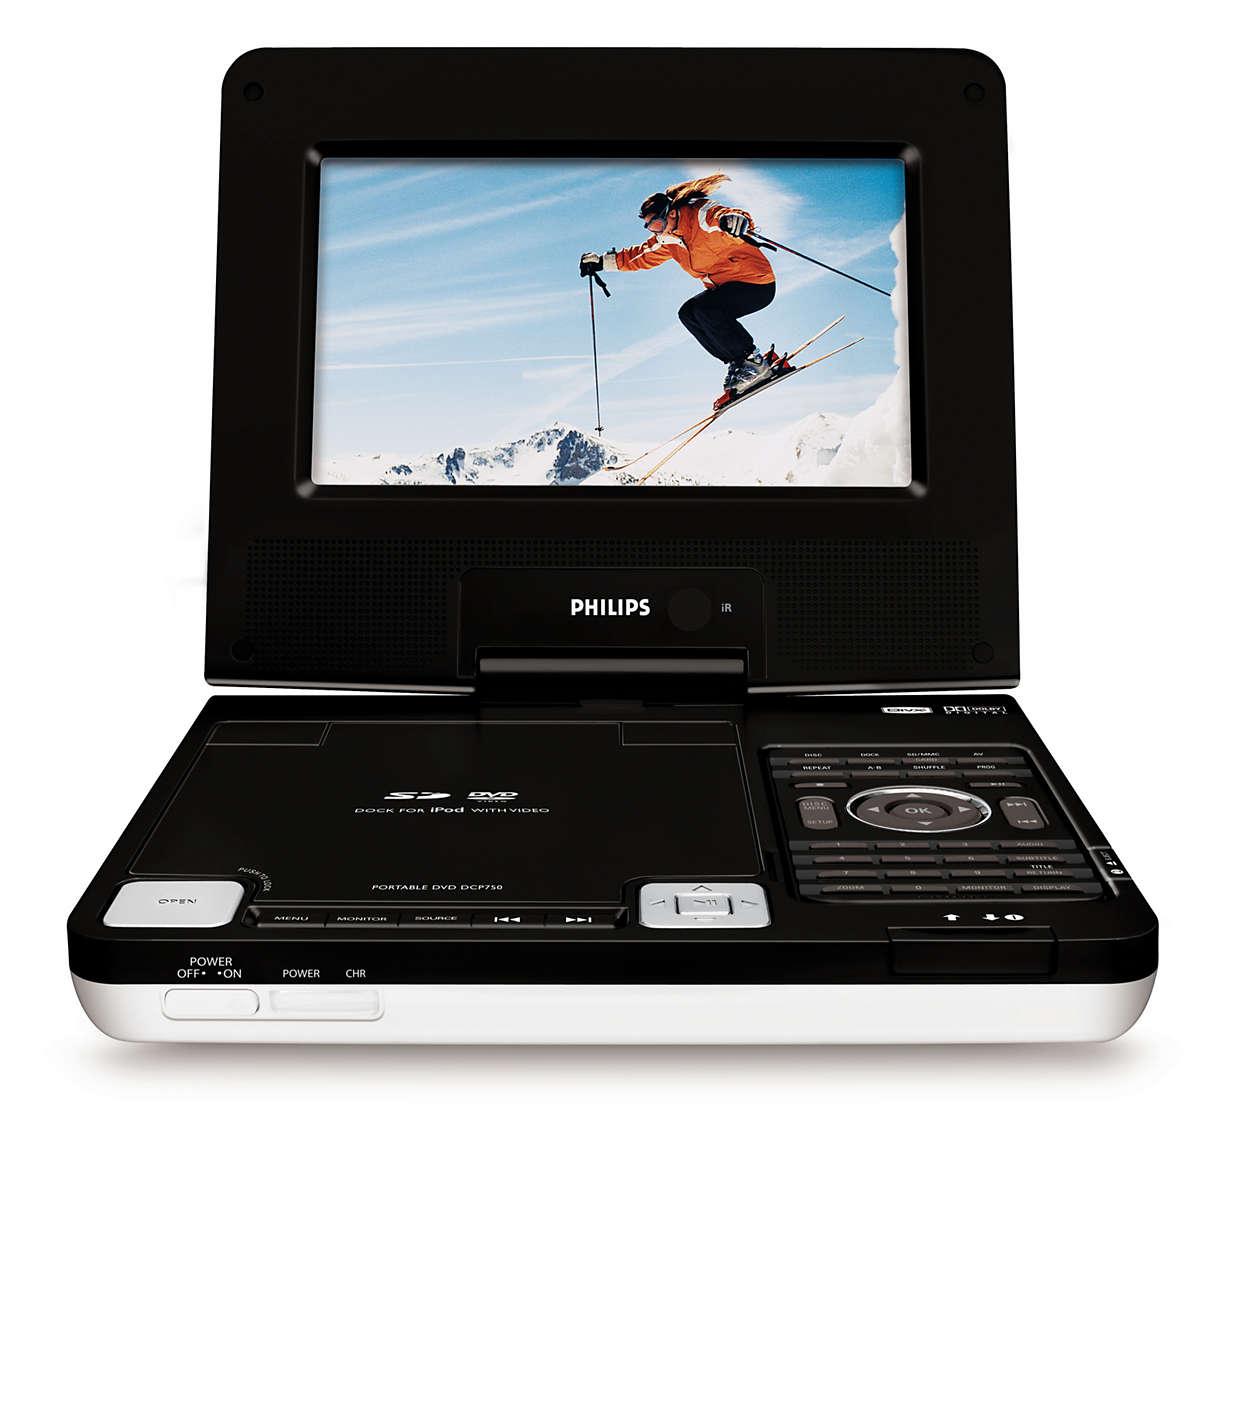 Tekintse meg videóit iPod-ról, DVD-ről és SD kártyáról